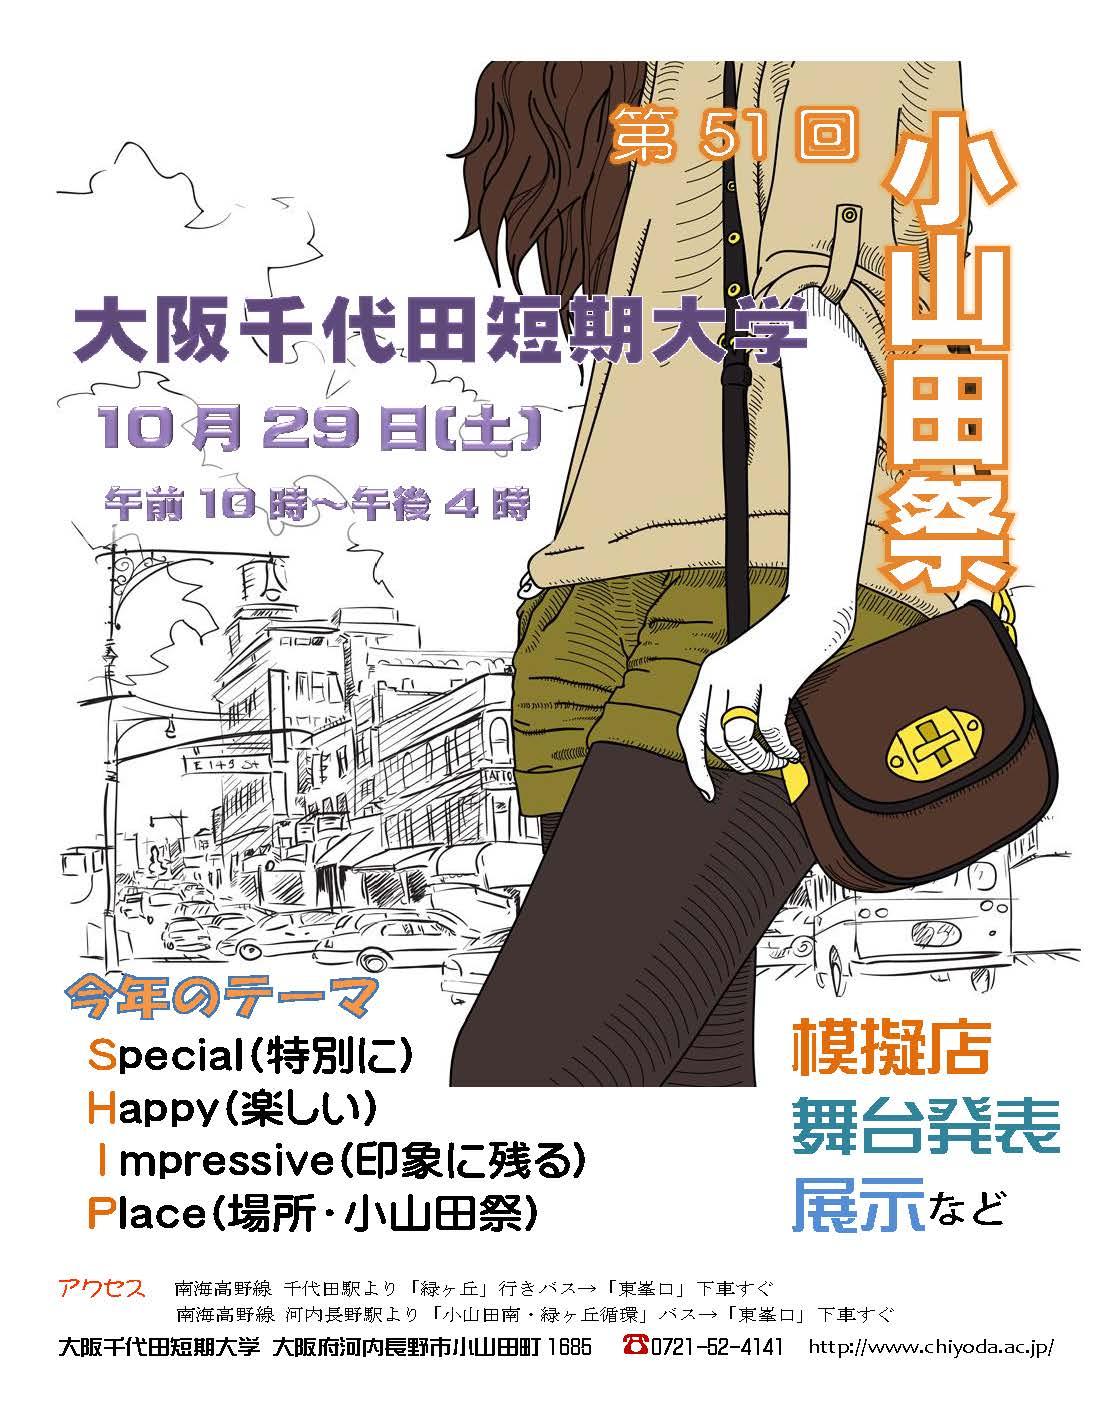 第51回小山田祭、10月29日(土)に開催します